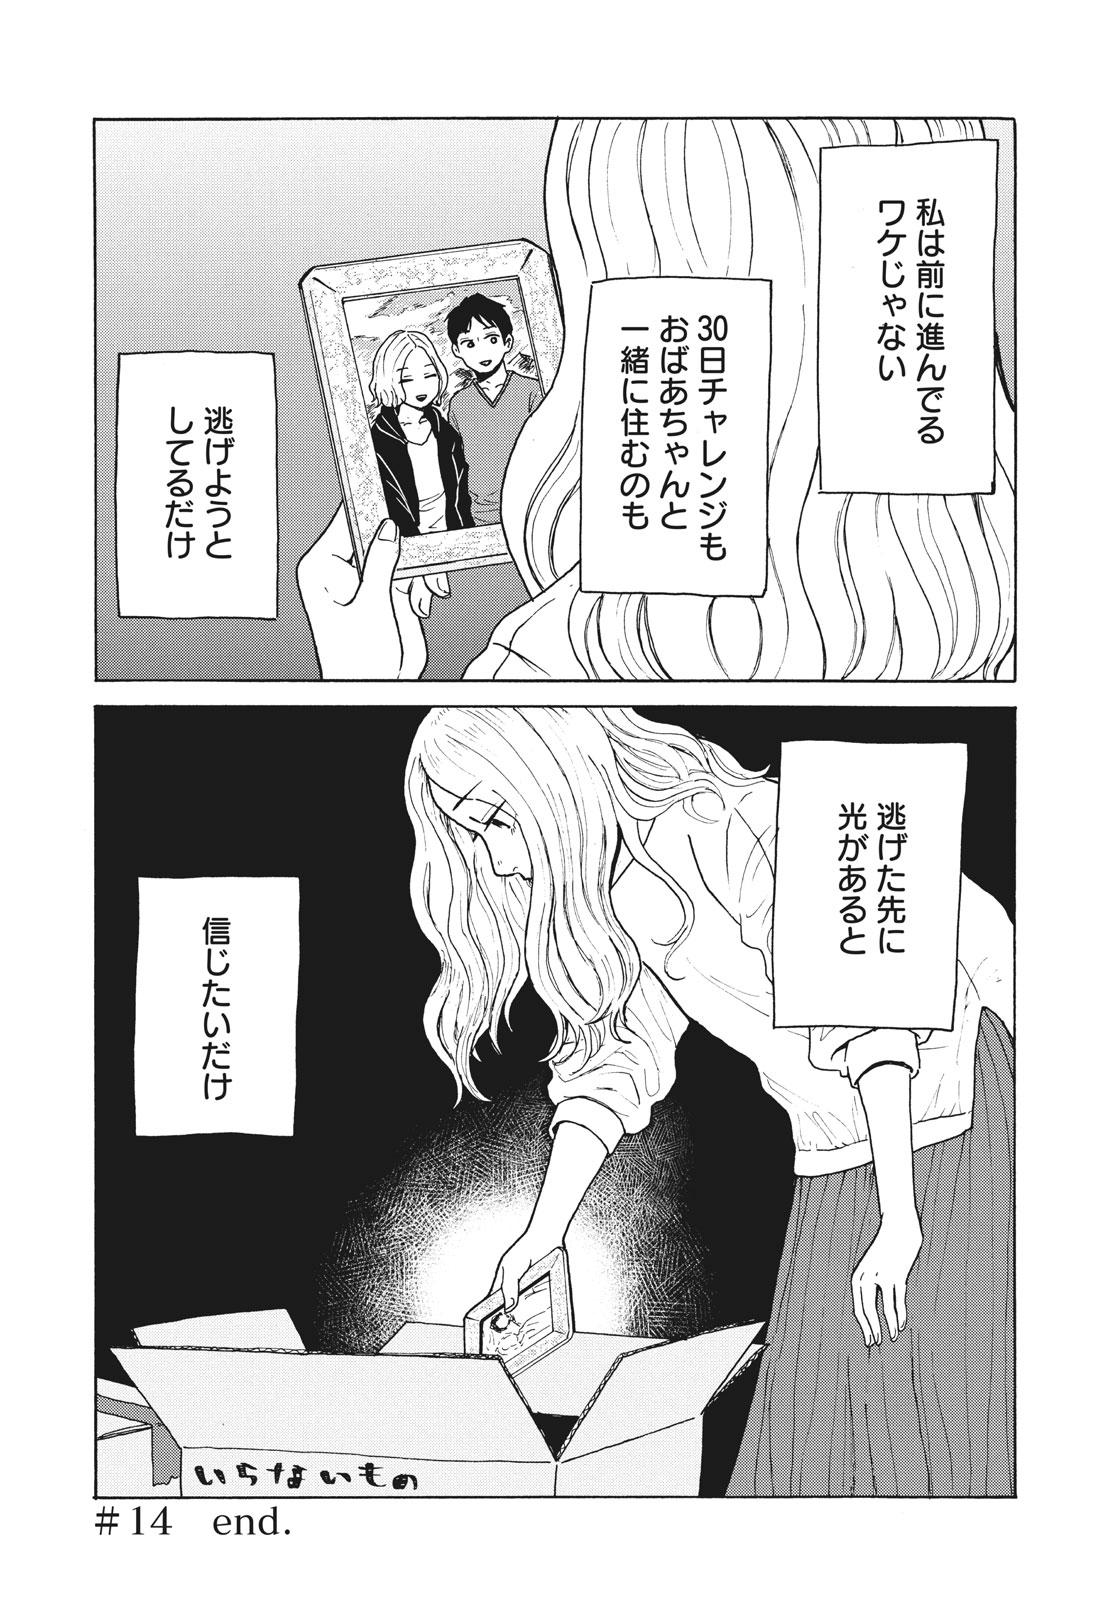 010_30日_2020_014_E.jpg